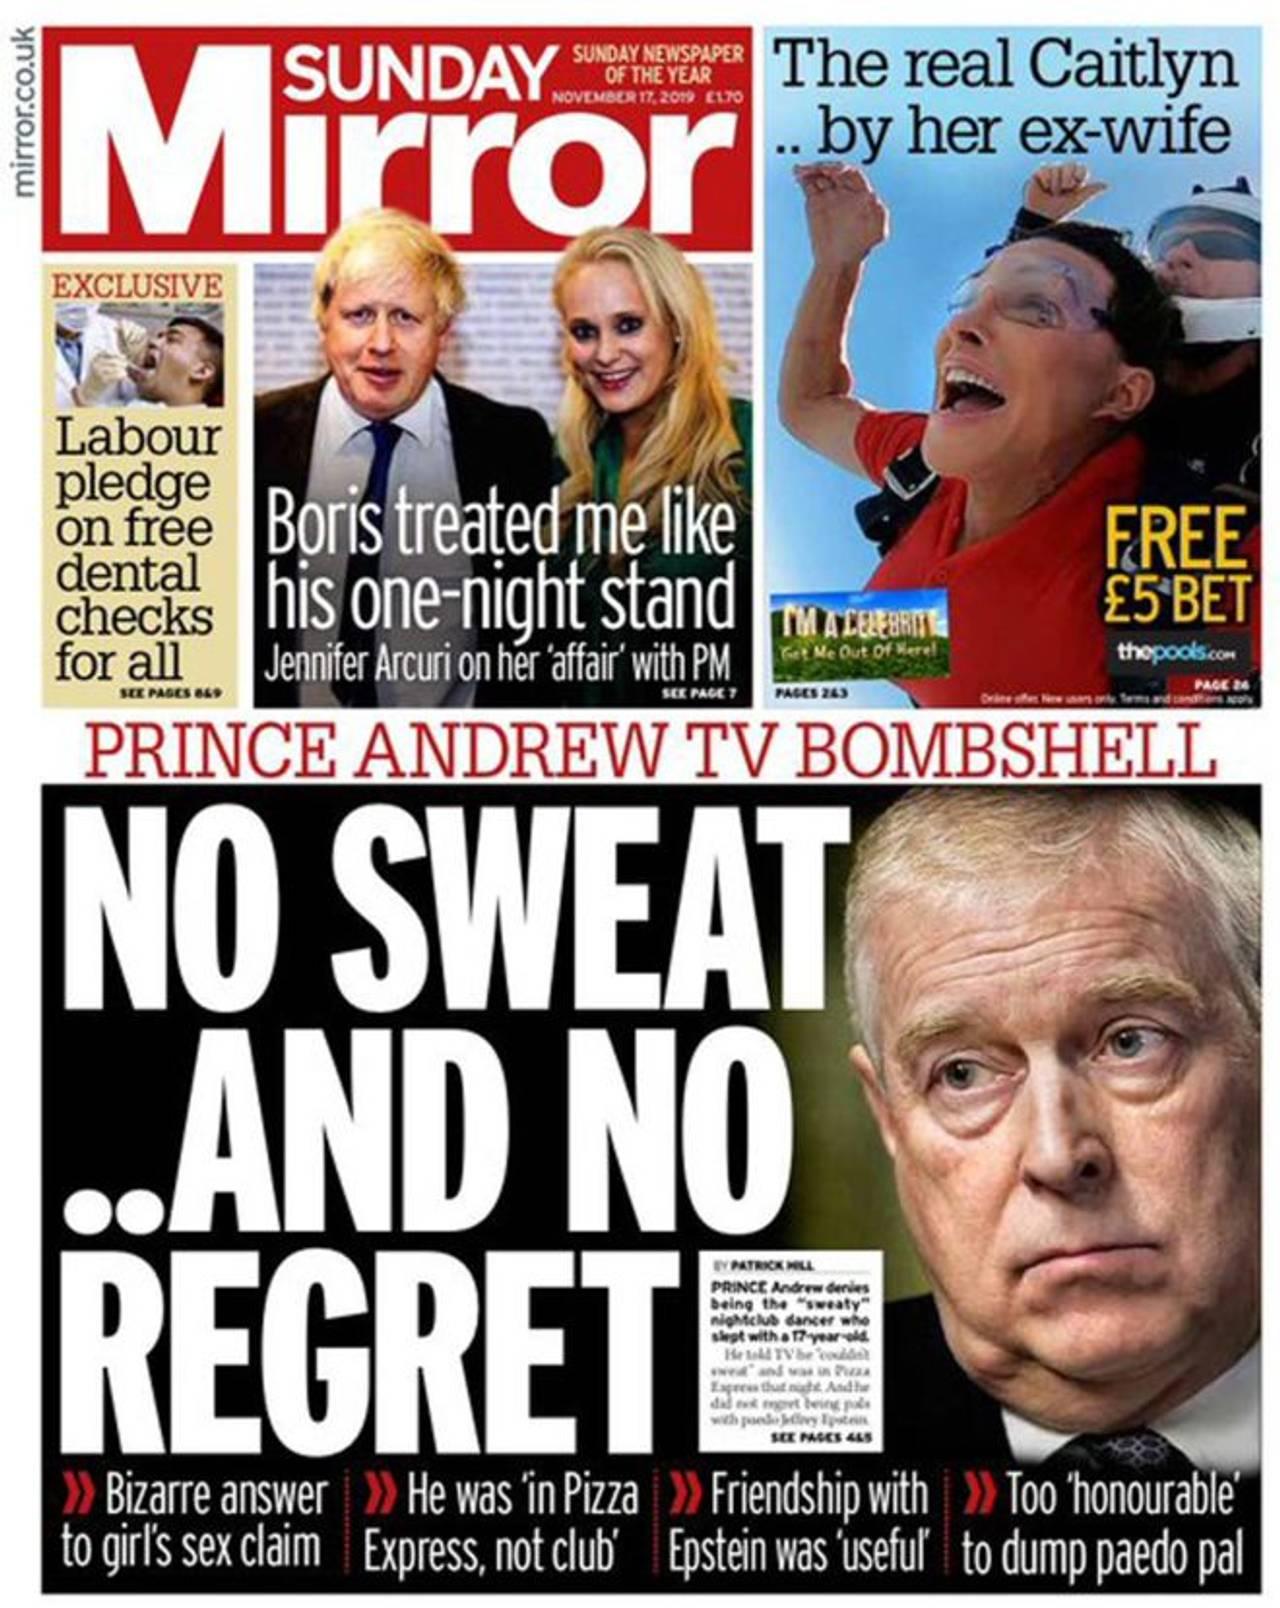 Forsiden av Sunday Mirror.